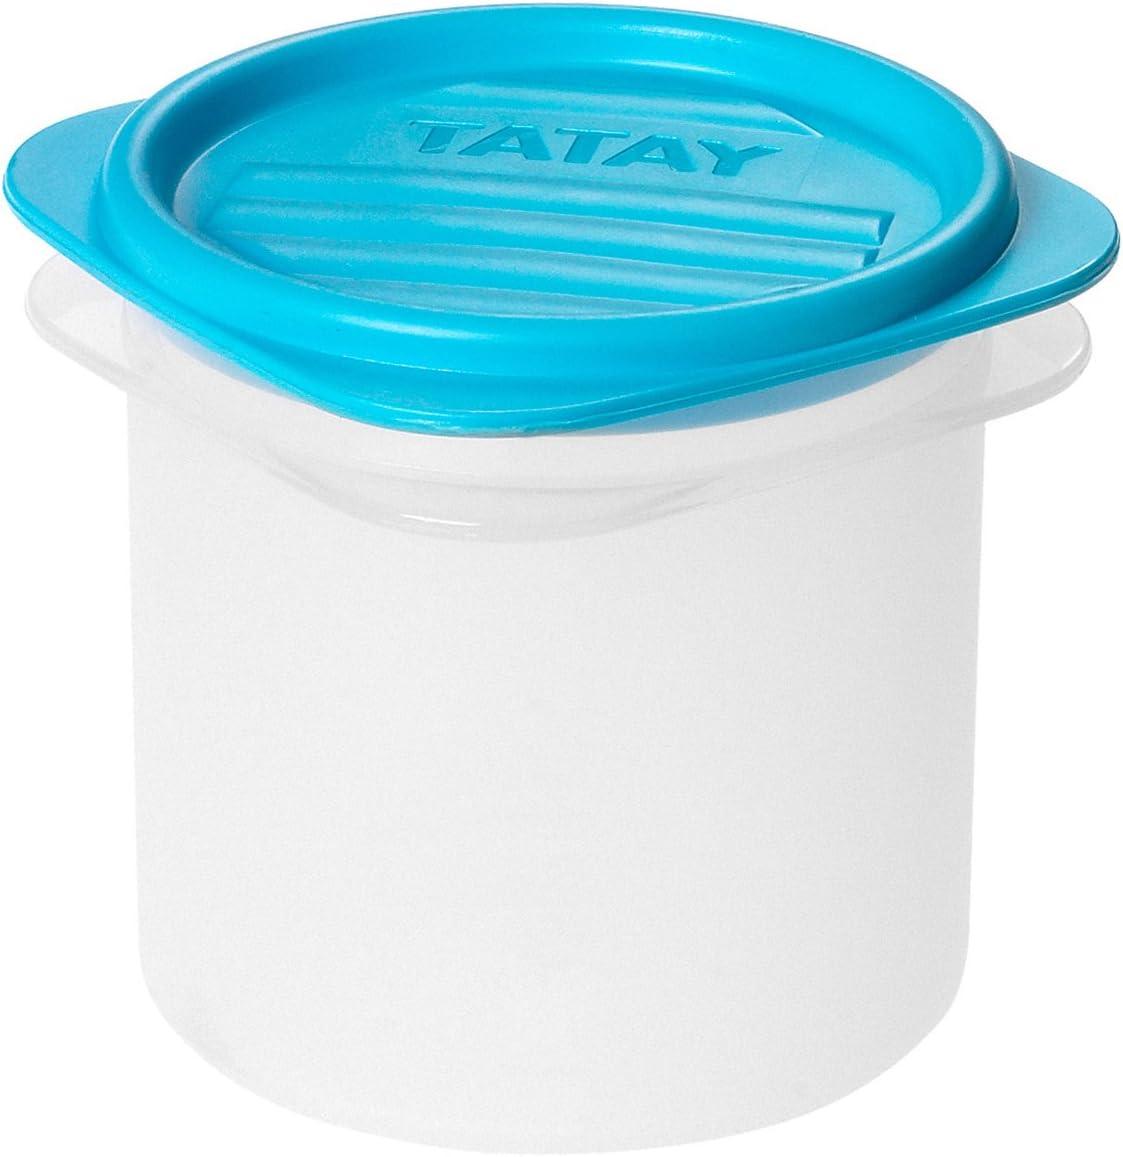 Tatay 1160000 Contenedor de alimentos hermético cilíndrico flexible a presión. Plástico transparente con tapa azul libre de bpa 03 litros de capacidad, 8.7 x 8,7 x 8,5 cm